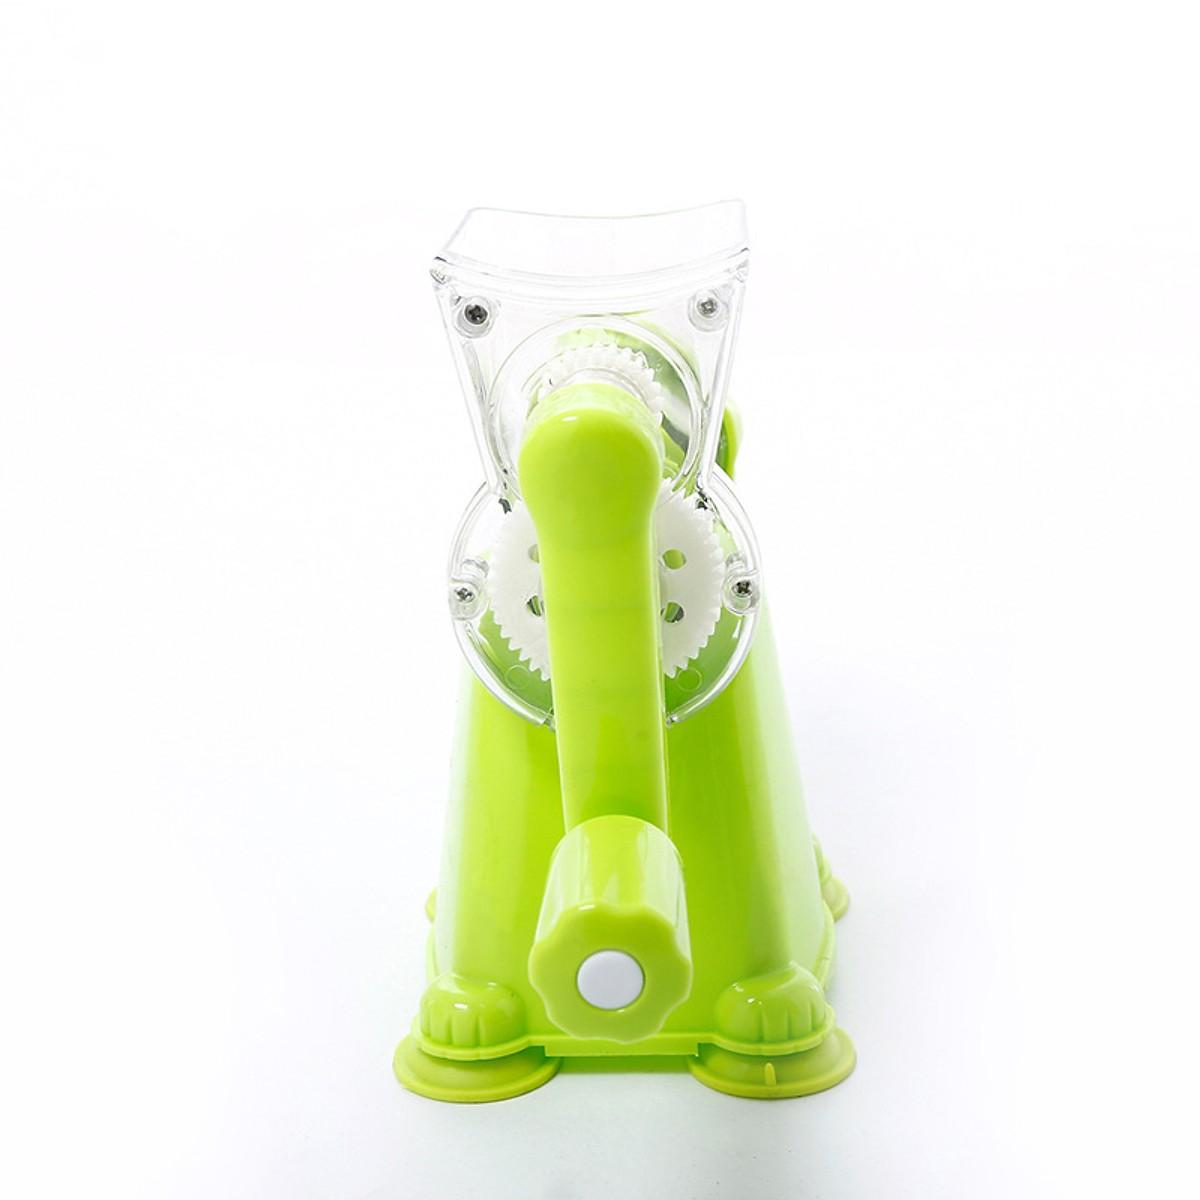 Dụng cụ ép trái cây quay tay cơ học, nhựa cao cấp chống độc hại